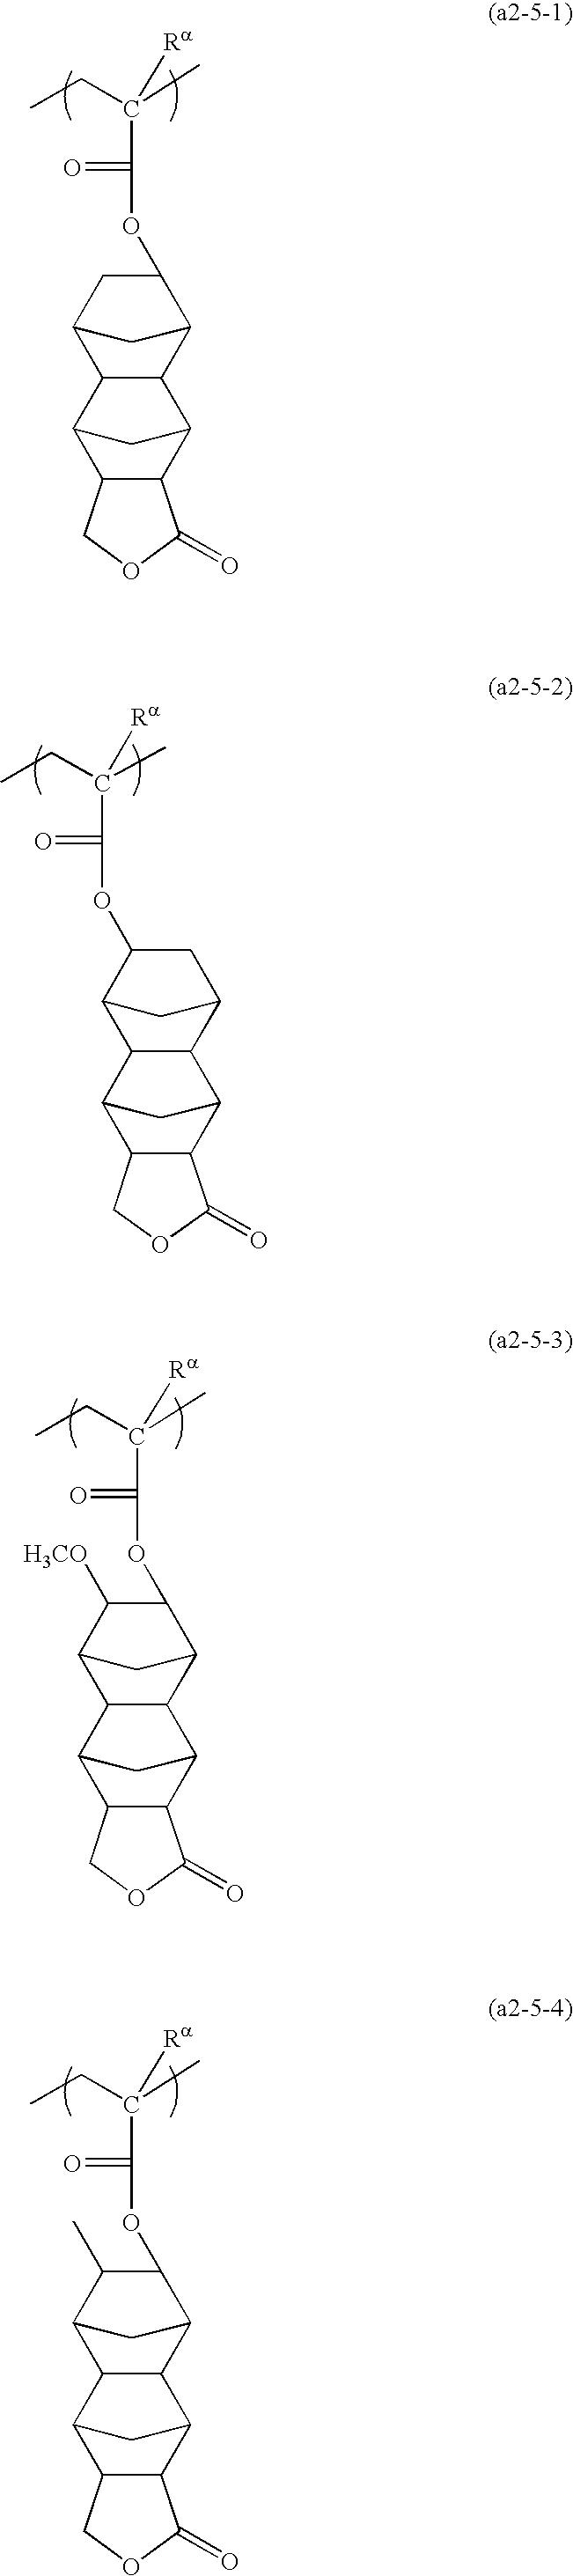 Figure US20100136480A1-20100603-C00069